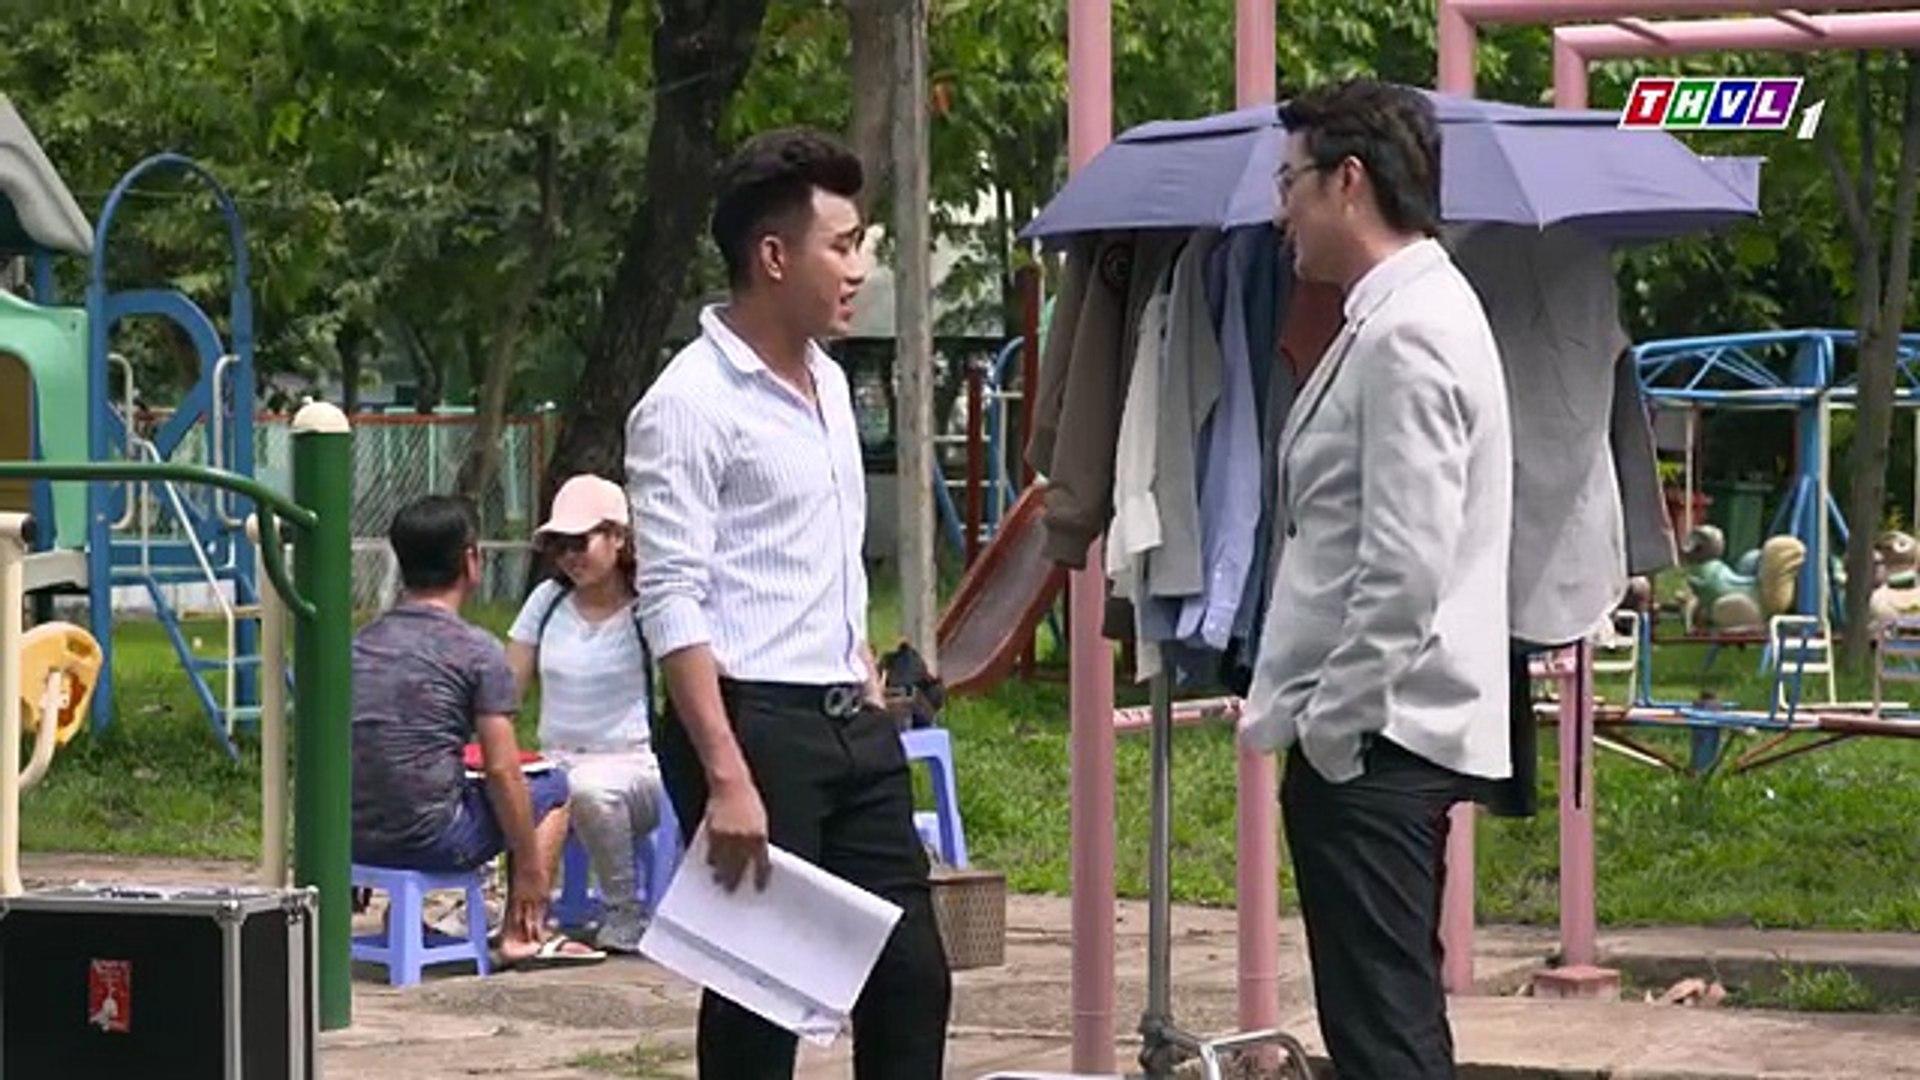 THVL  Bí mật quý ông - Tập 82[2] Quỳnh hả hê đánh Lâm trên phim trường